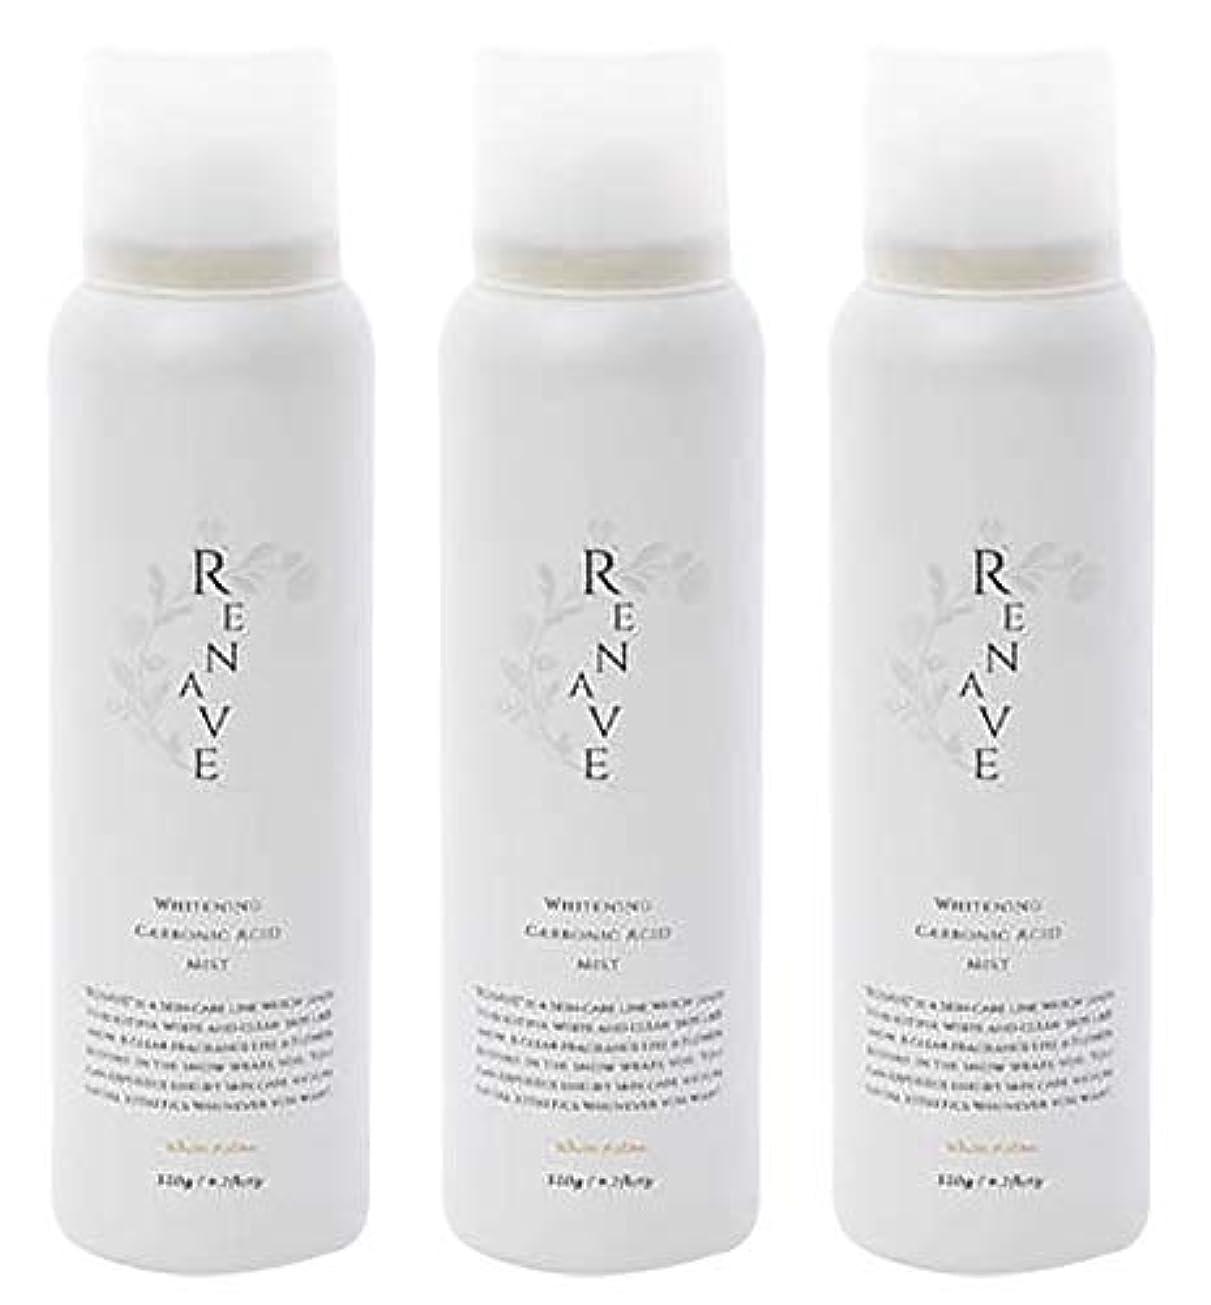 うつカウントアップヘビRENAVE(リネーヴェ) 高濃度炭酸ミスト 薬用美白化粧水 120ml 3本セット